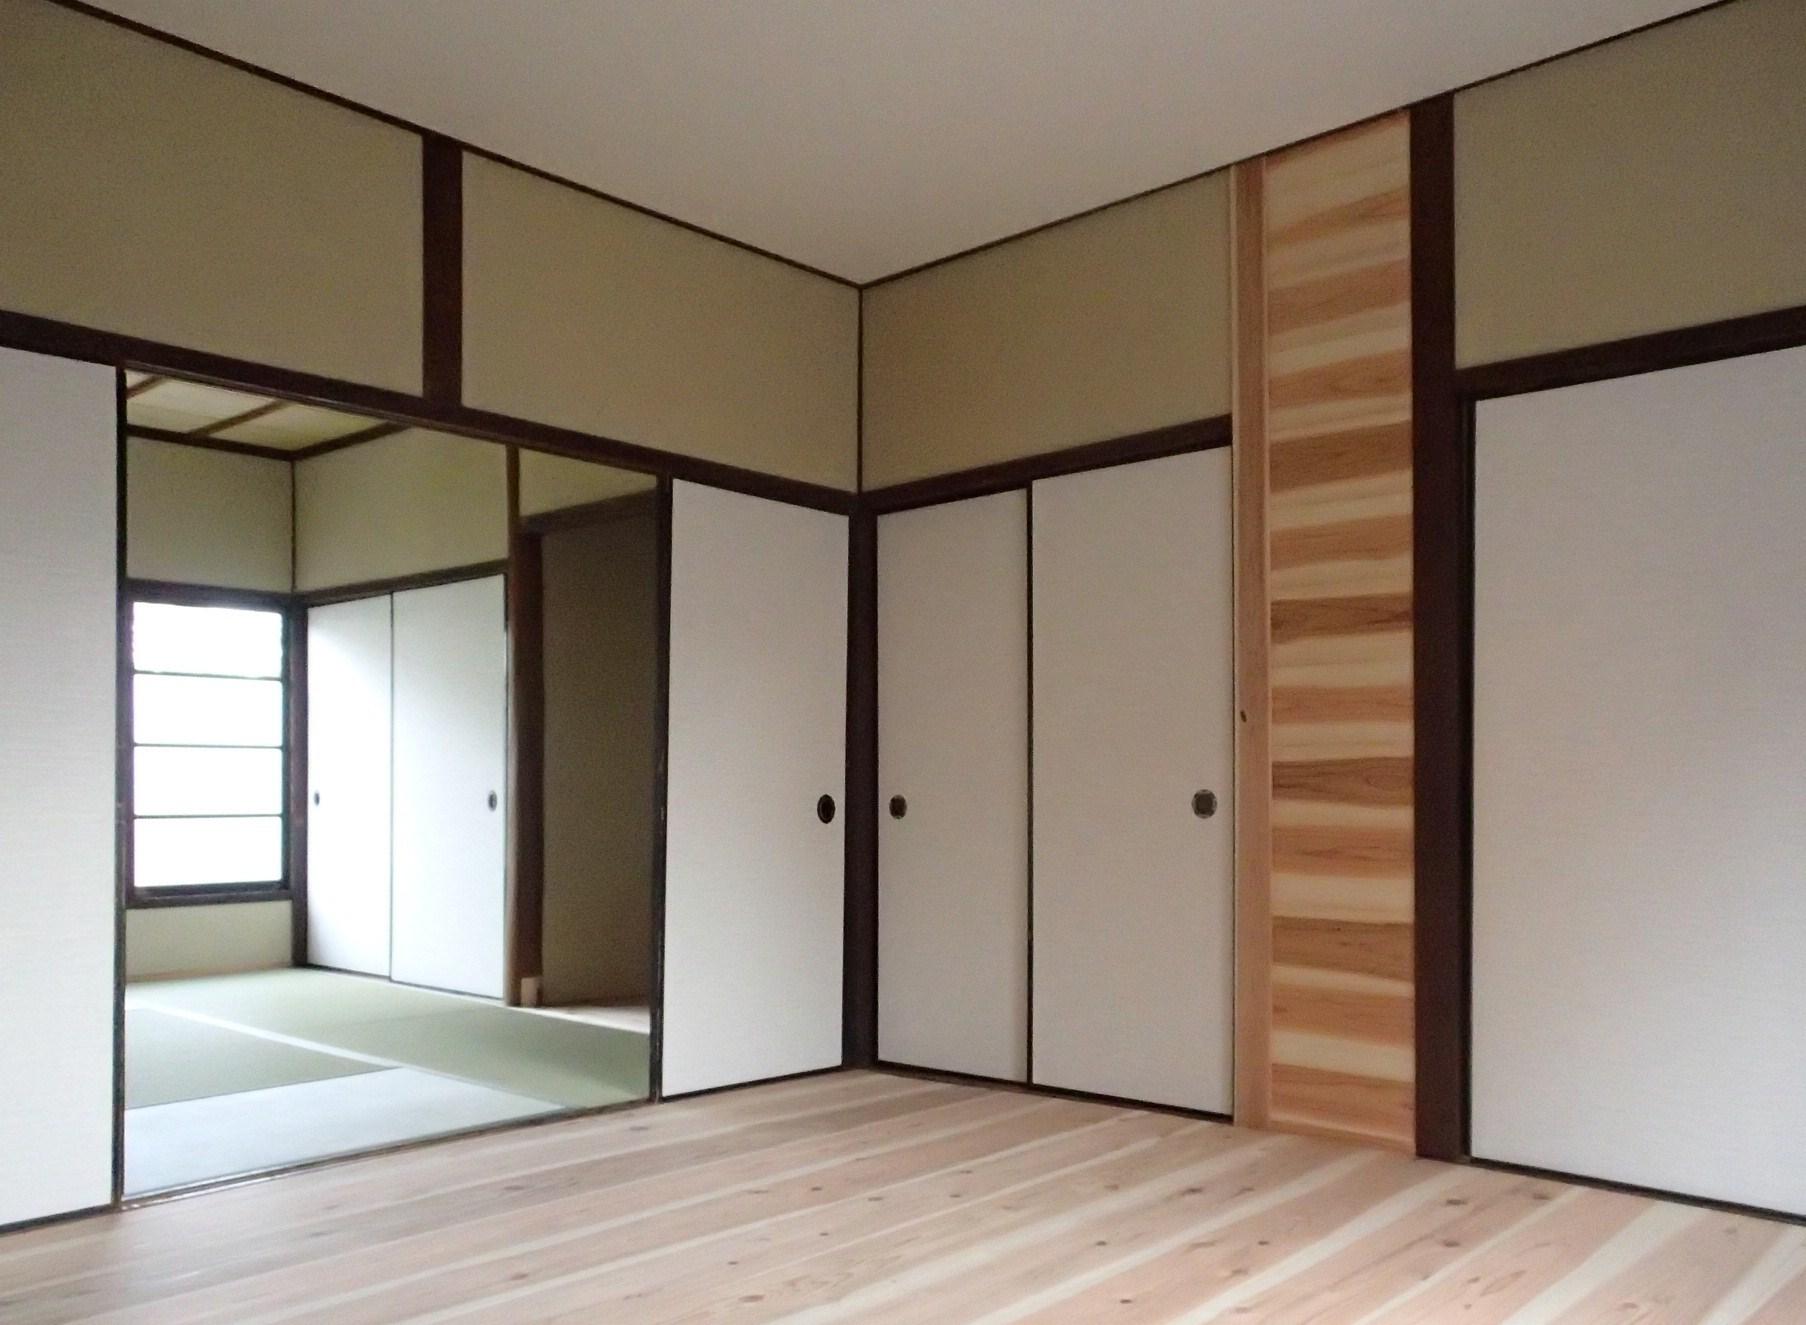 『JR倉敷駅前長屋の再生②』 _b0211845_10504519.jpg